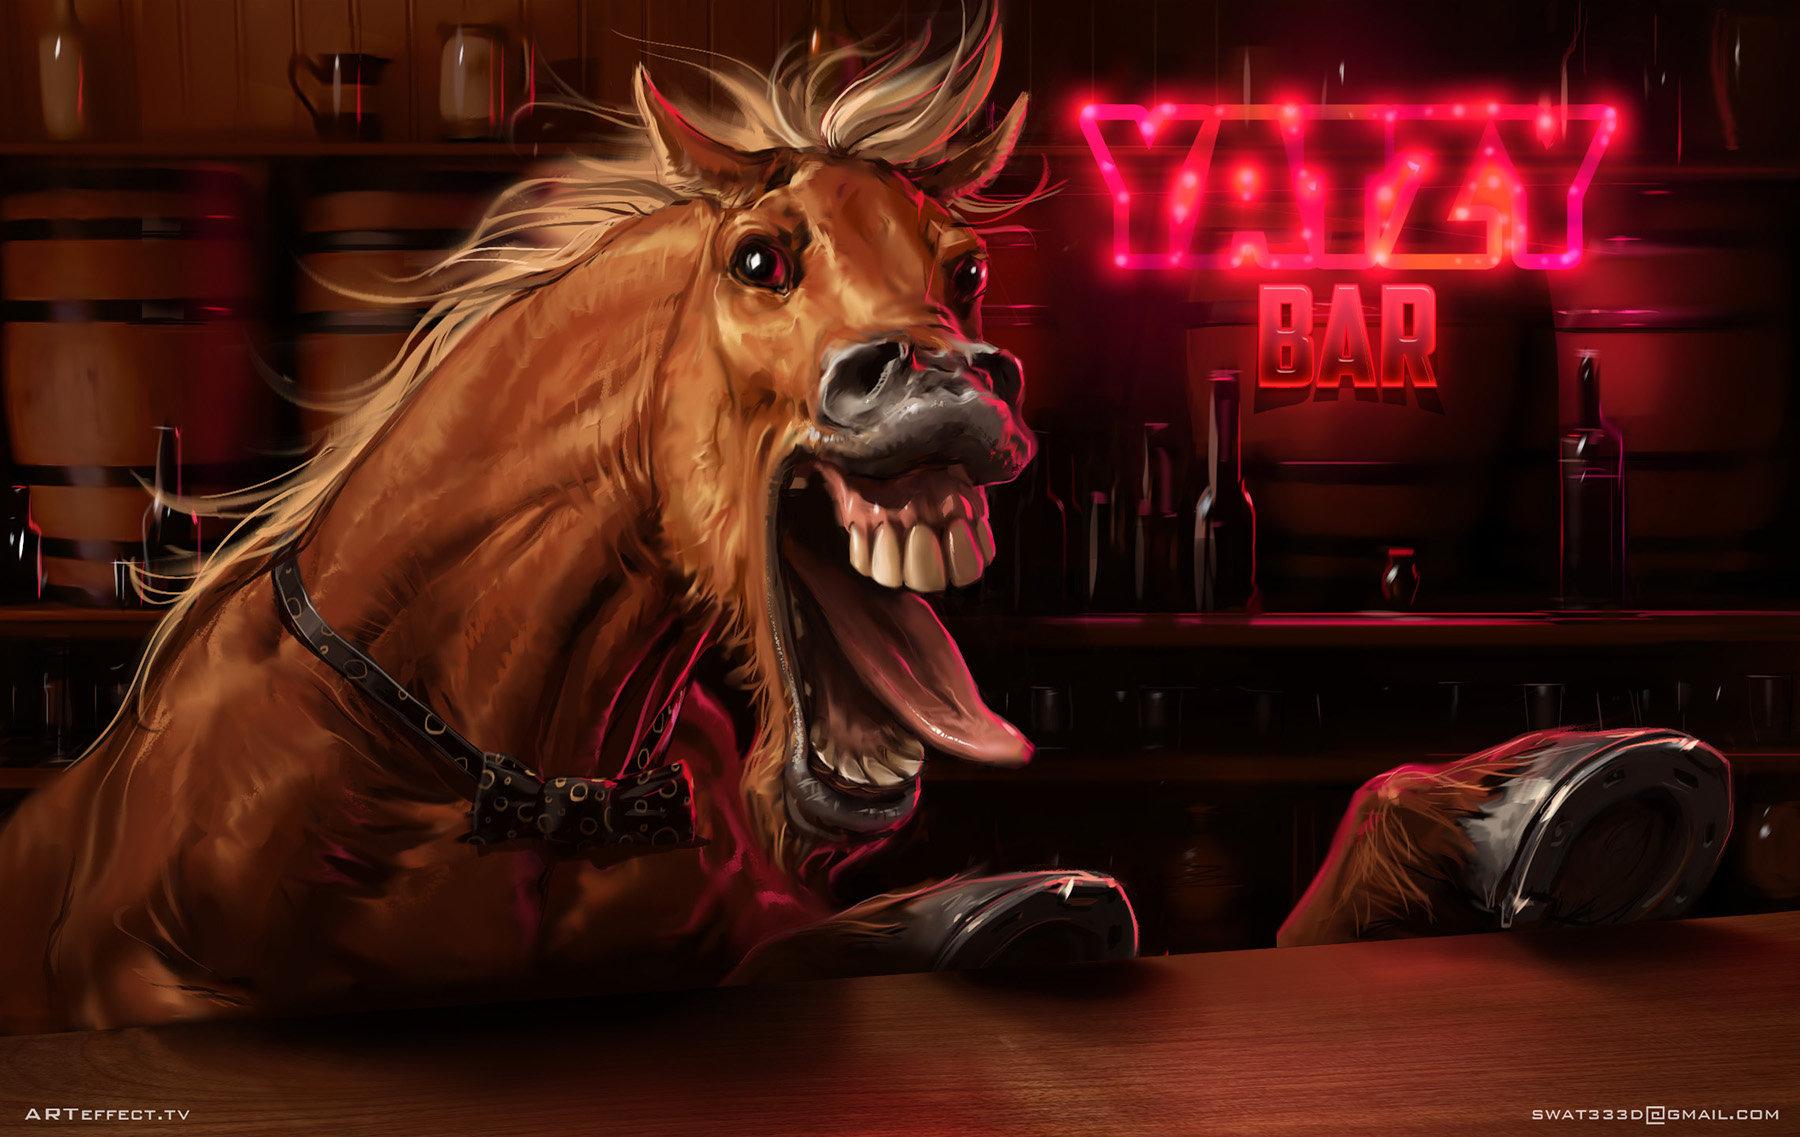 Sviatoslav gerasimchuk screaming horse